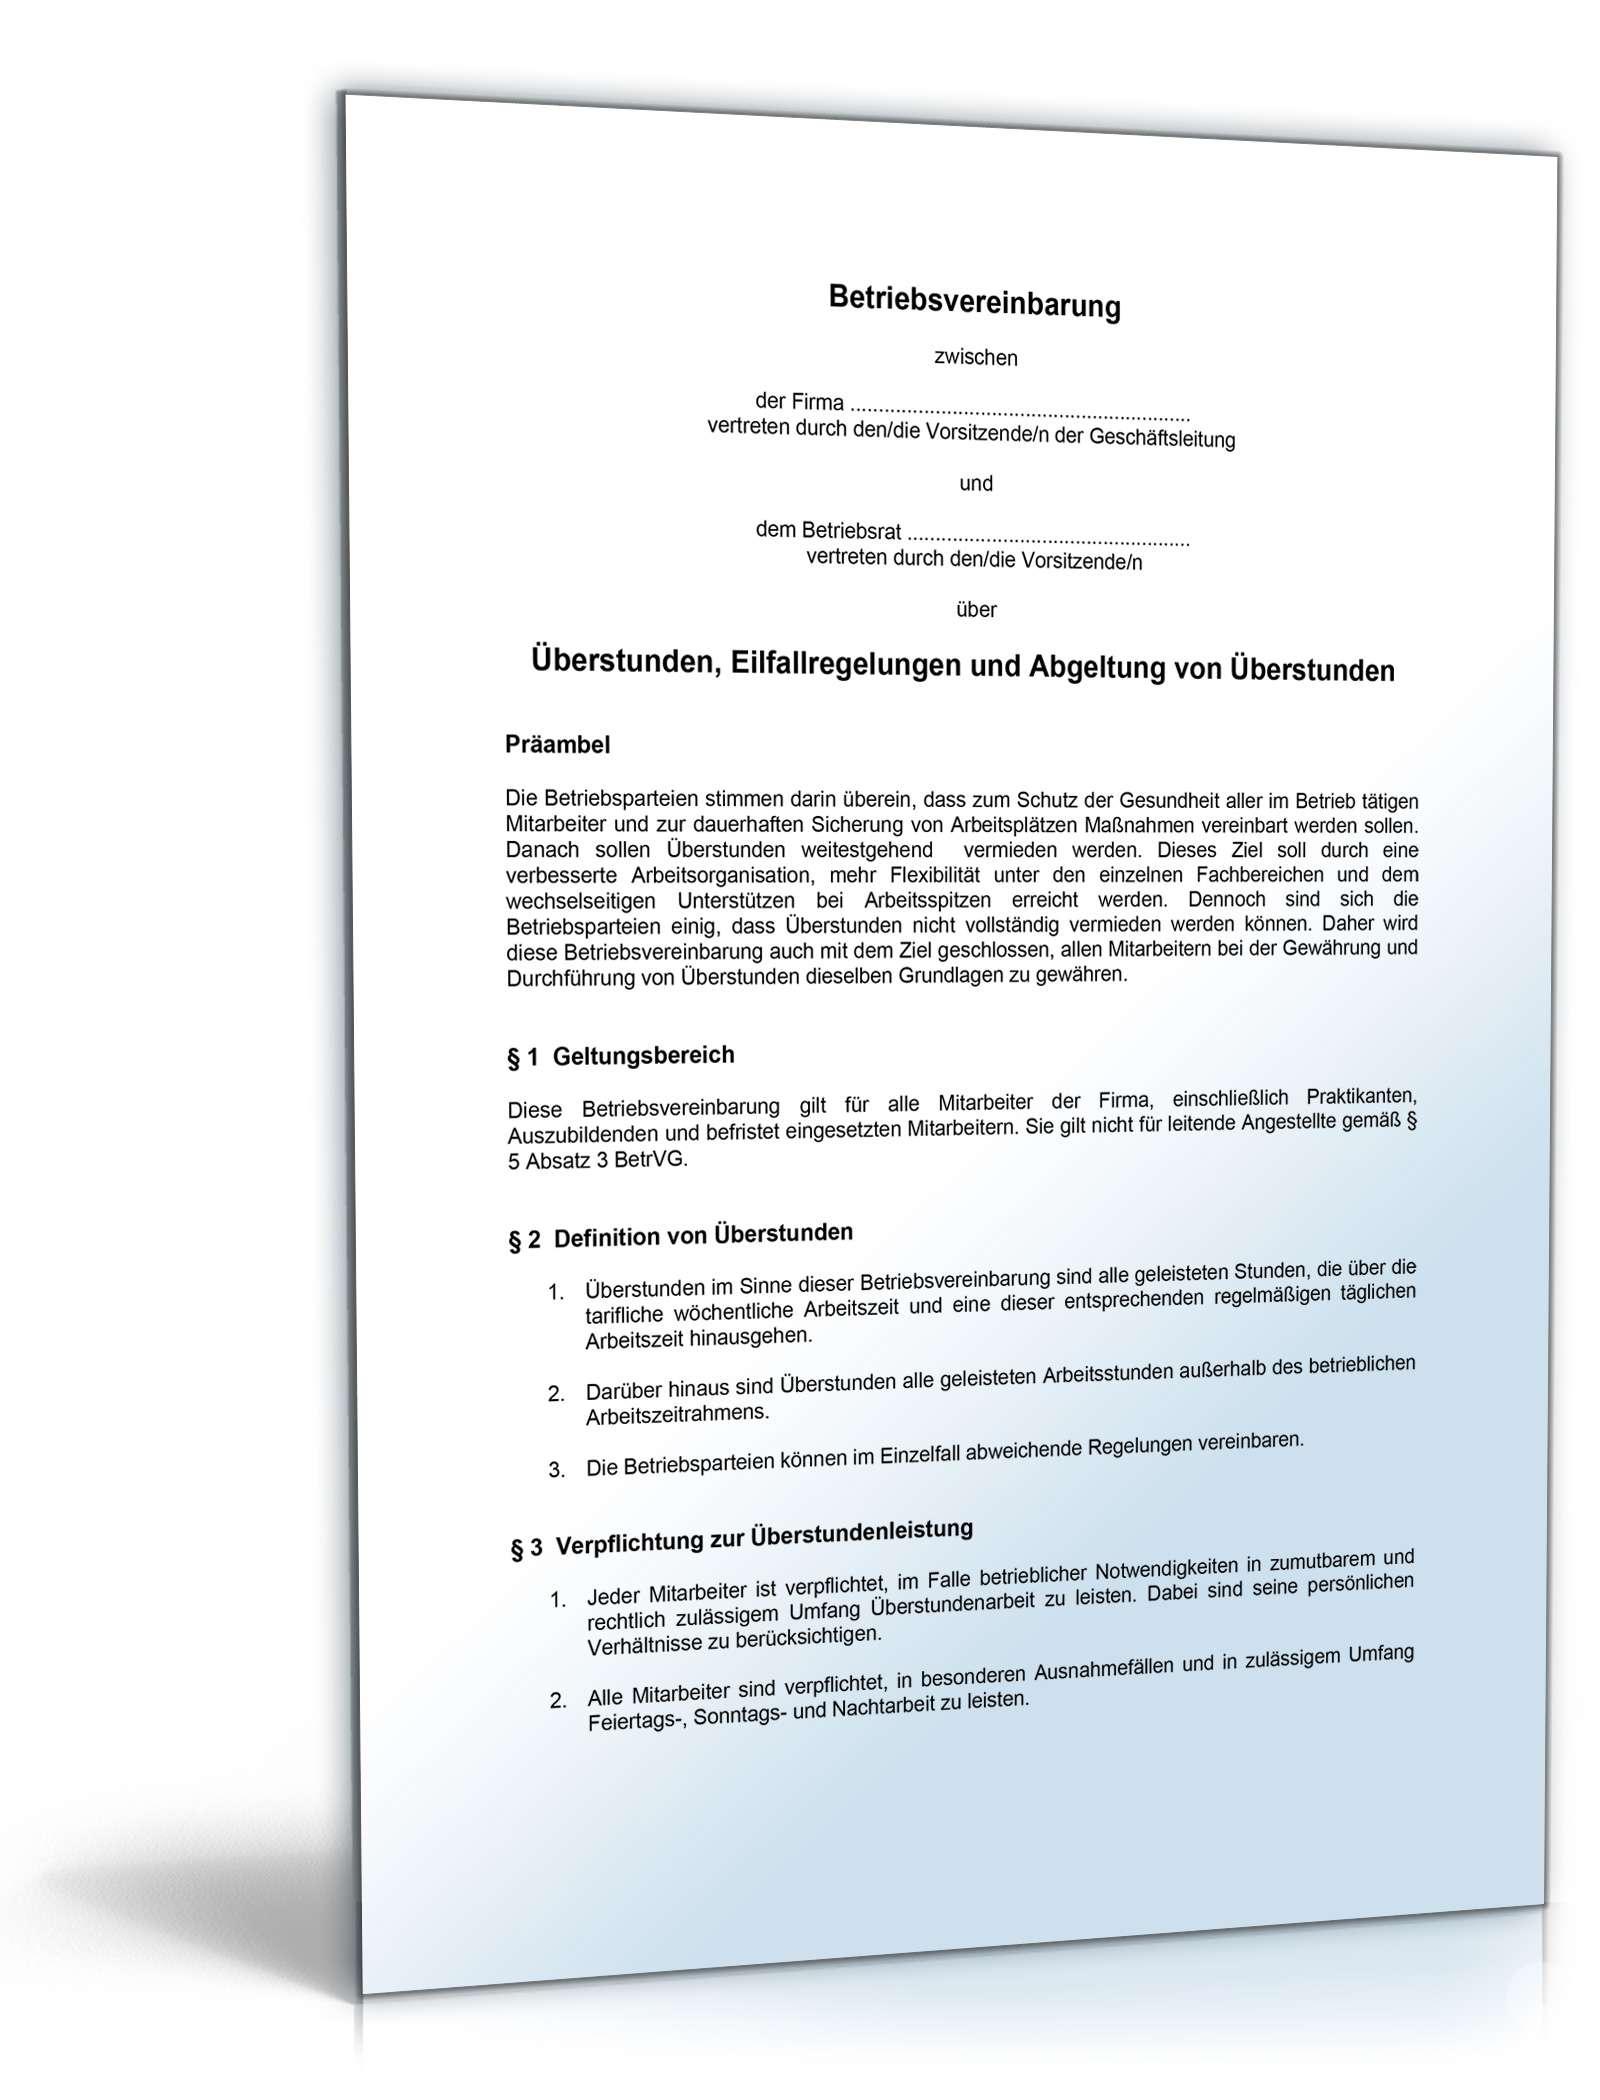 Betriebsvereinbarung Abgeltung überstunden Muster Vorlage Zum Dowload